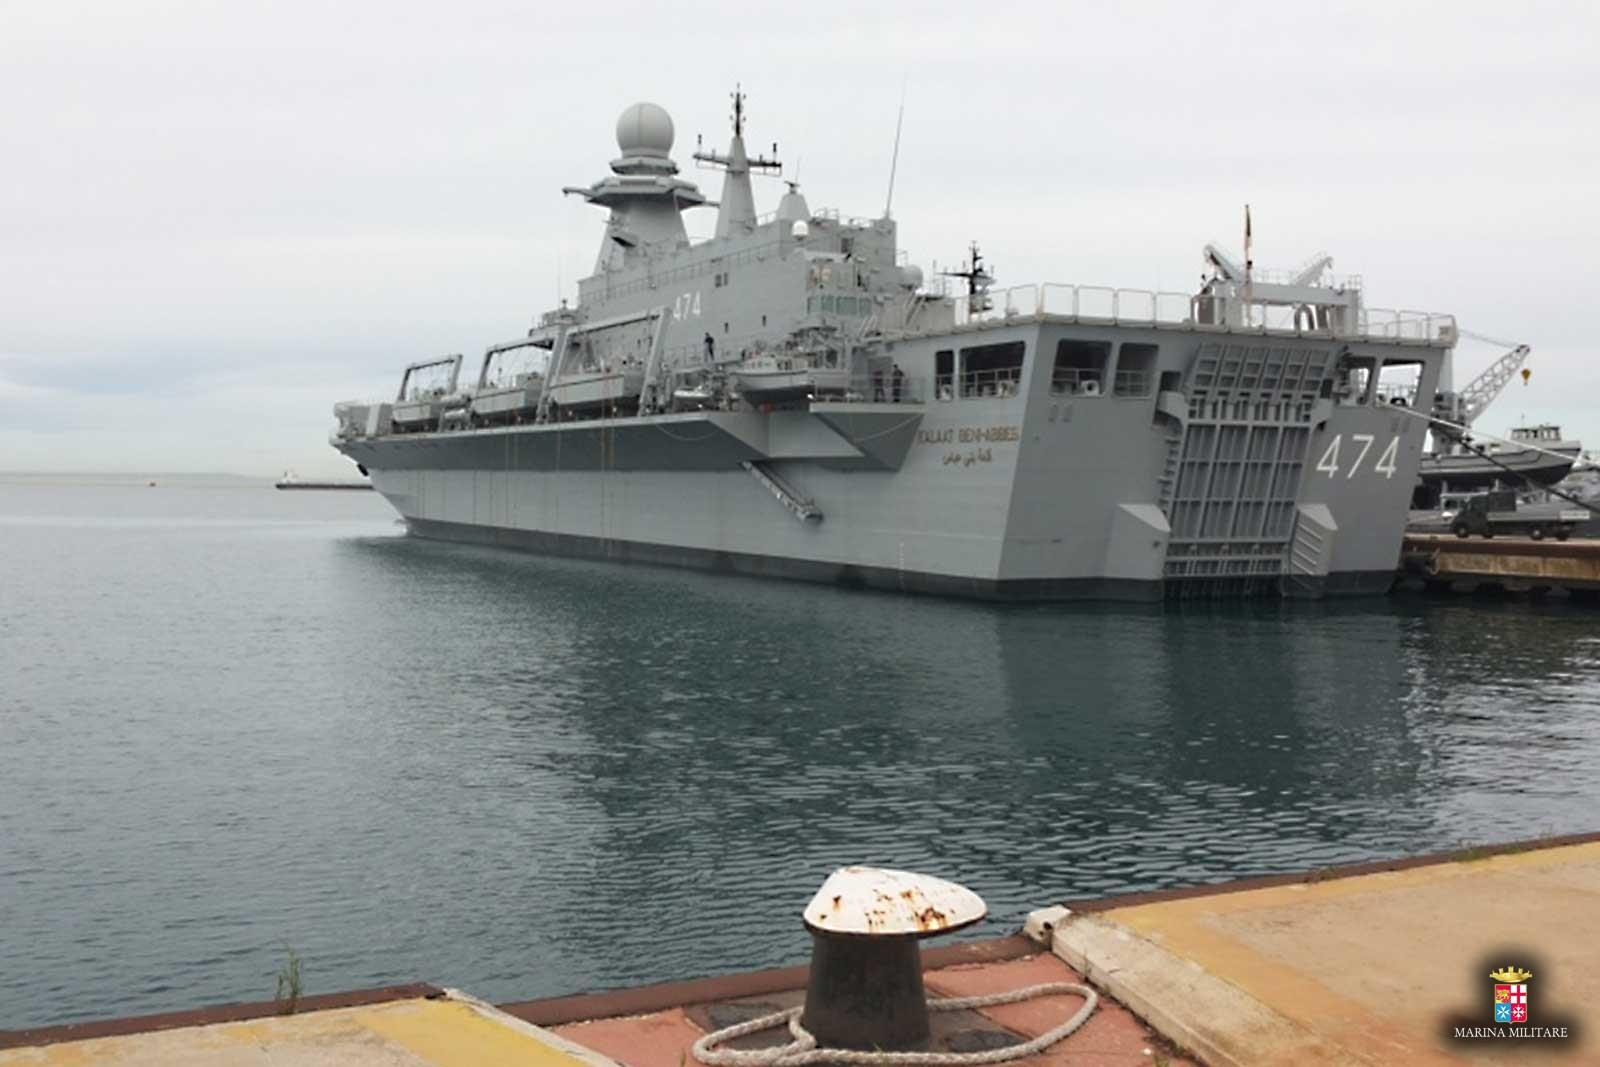 الجزائر يفقد الاهتمام في الأسلحة الروسية Cdd9a0c6-9b51-4dd1-9c28-267c9bf0495e00